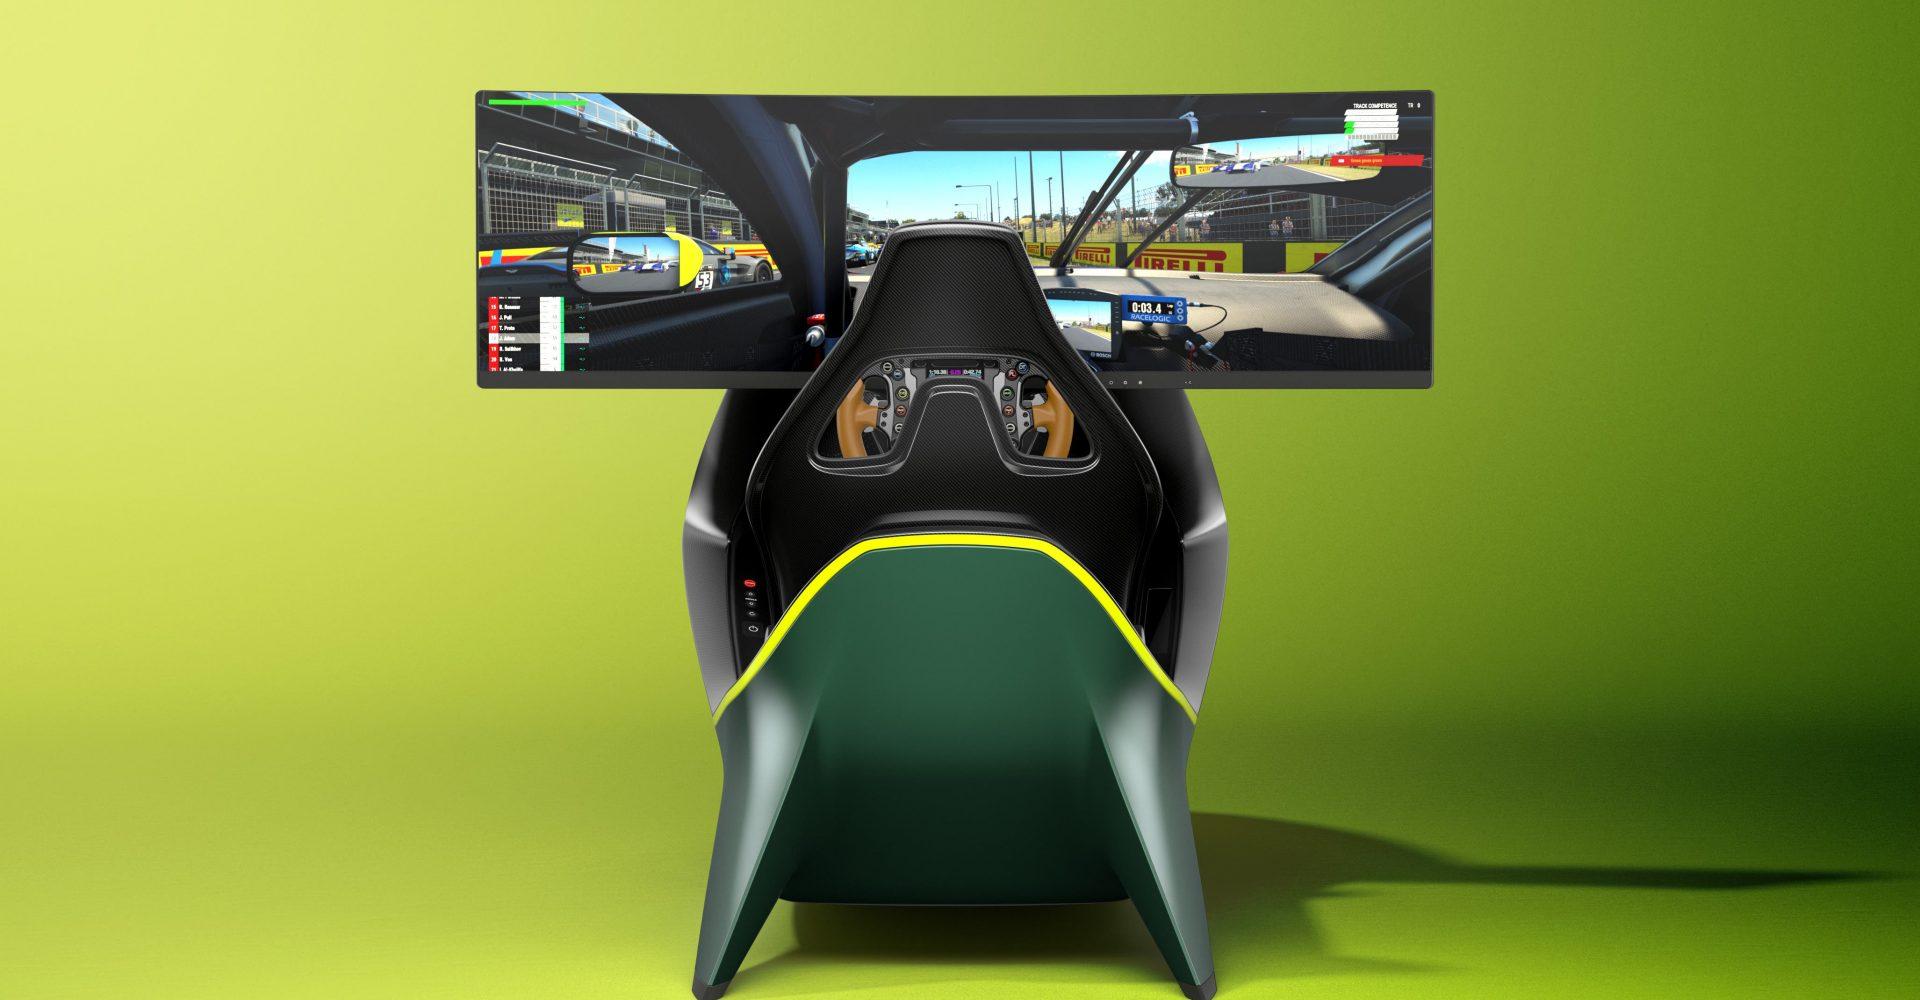 Aston Martin reveals carbon-fibre racing simulator that costs £60k